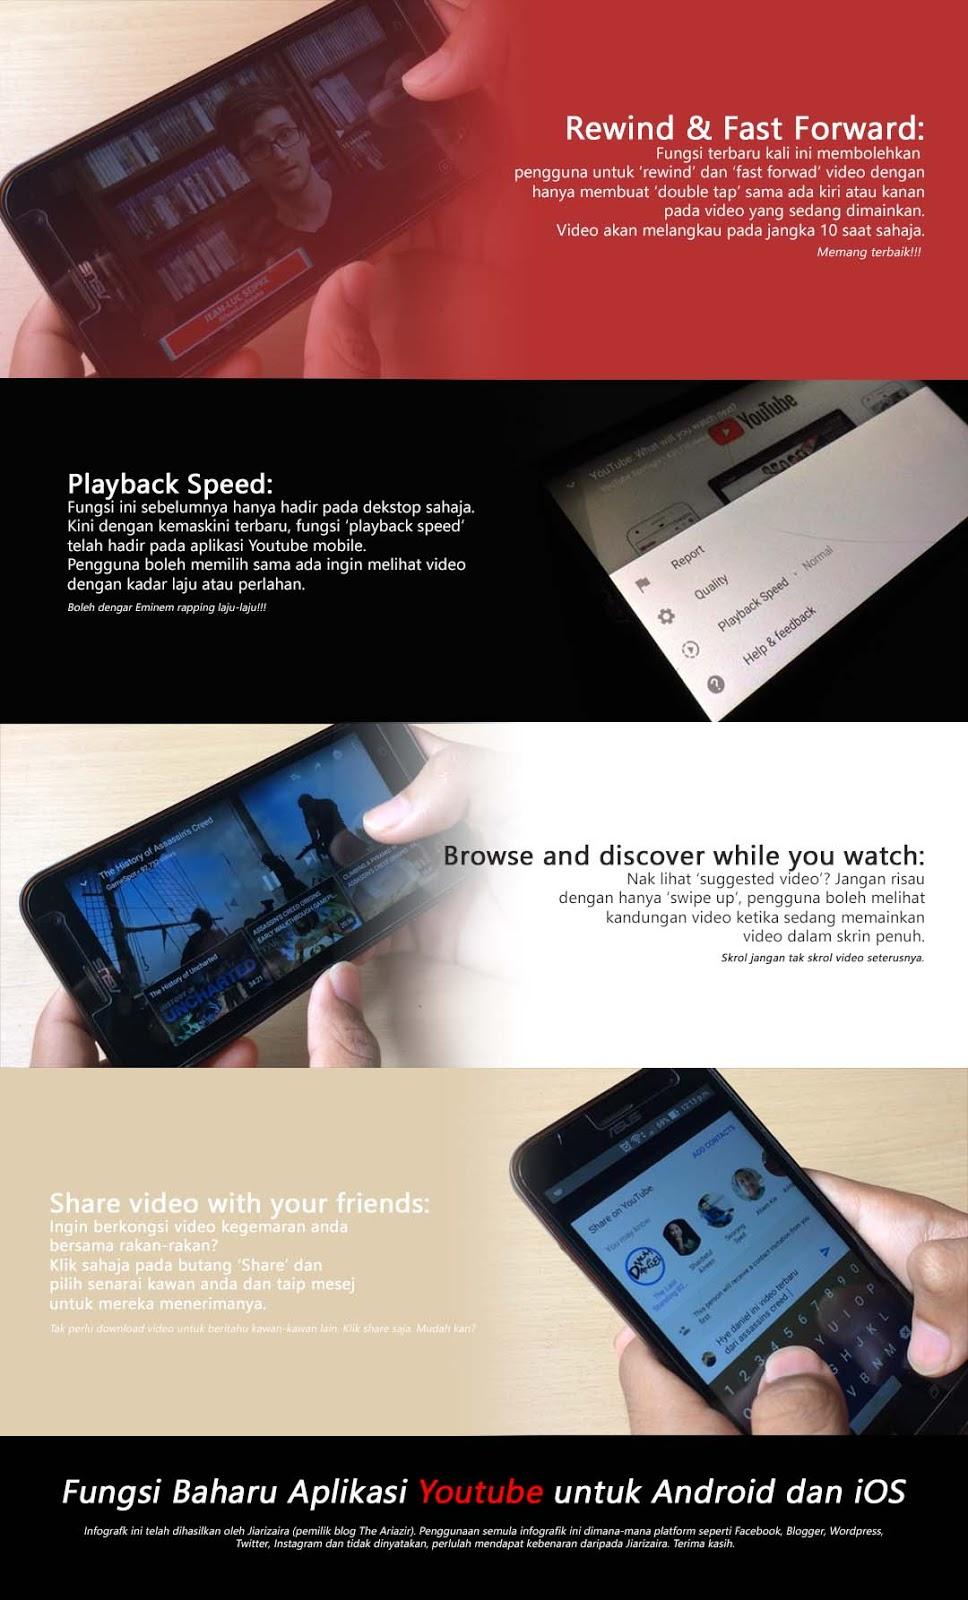 Fungsi Baharu Aplikasi Youtube